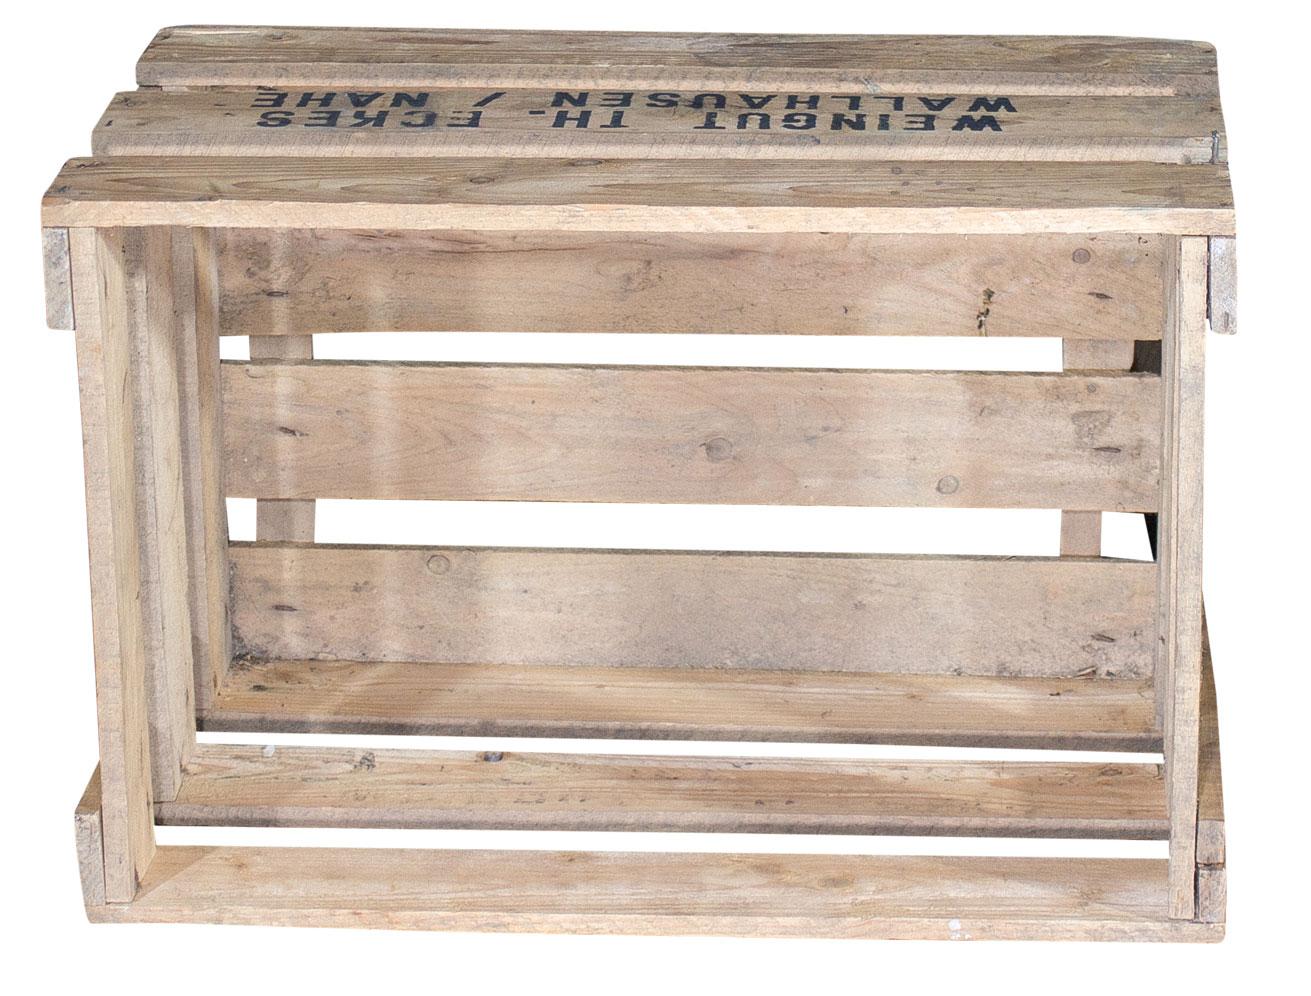 weinboxen alte weinkiste weingut th eckes 48x32x29cm. Black Bedroom Furniture Sets. Home Design Ideas